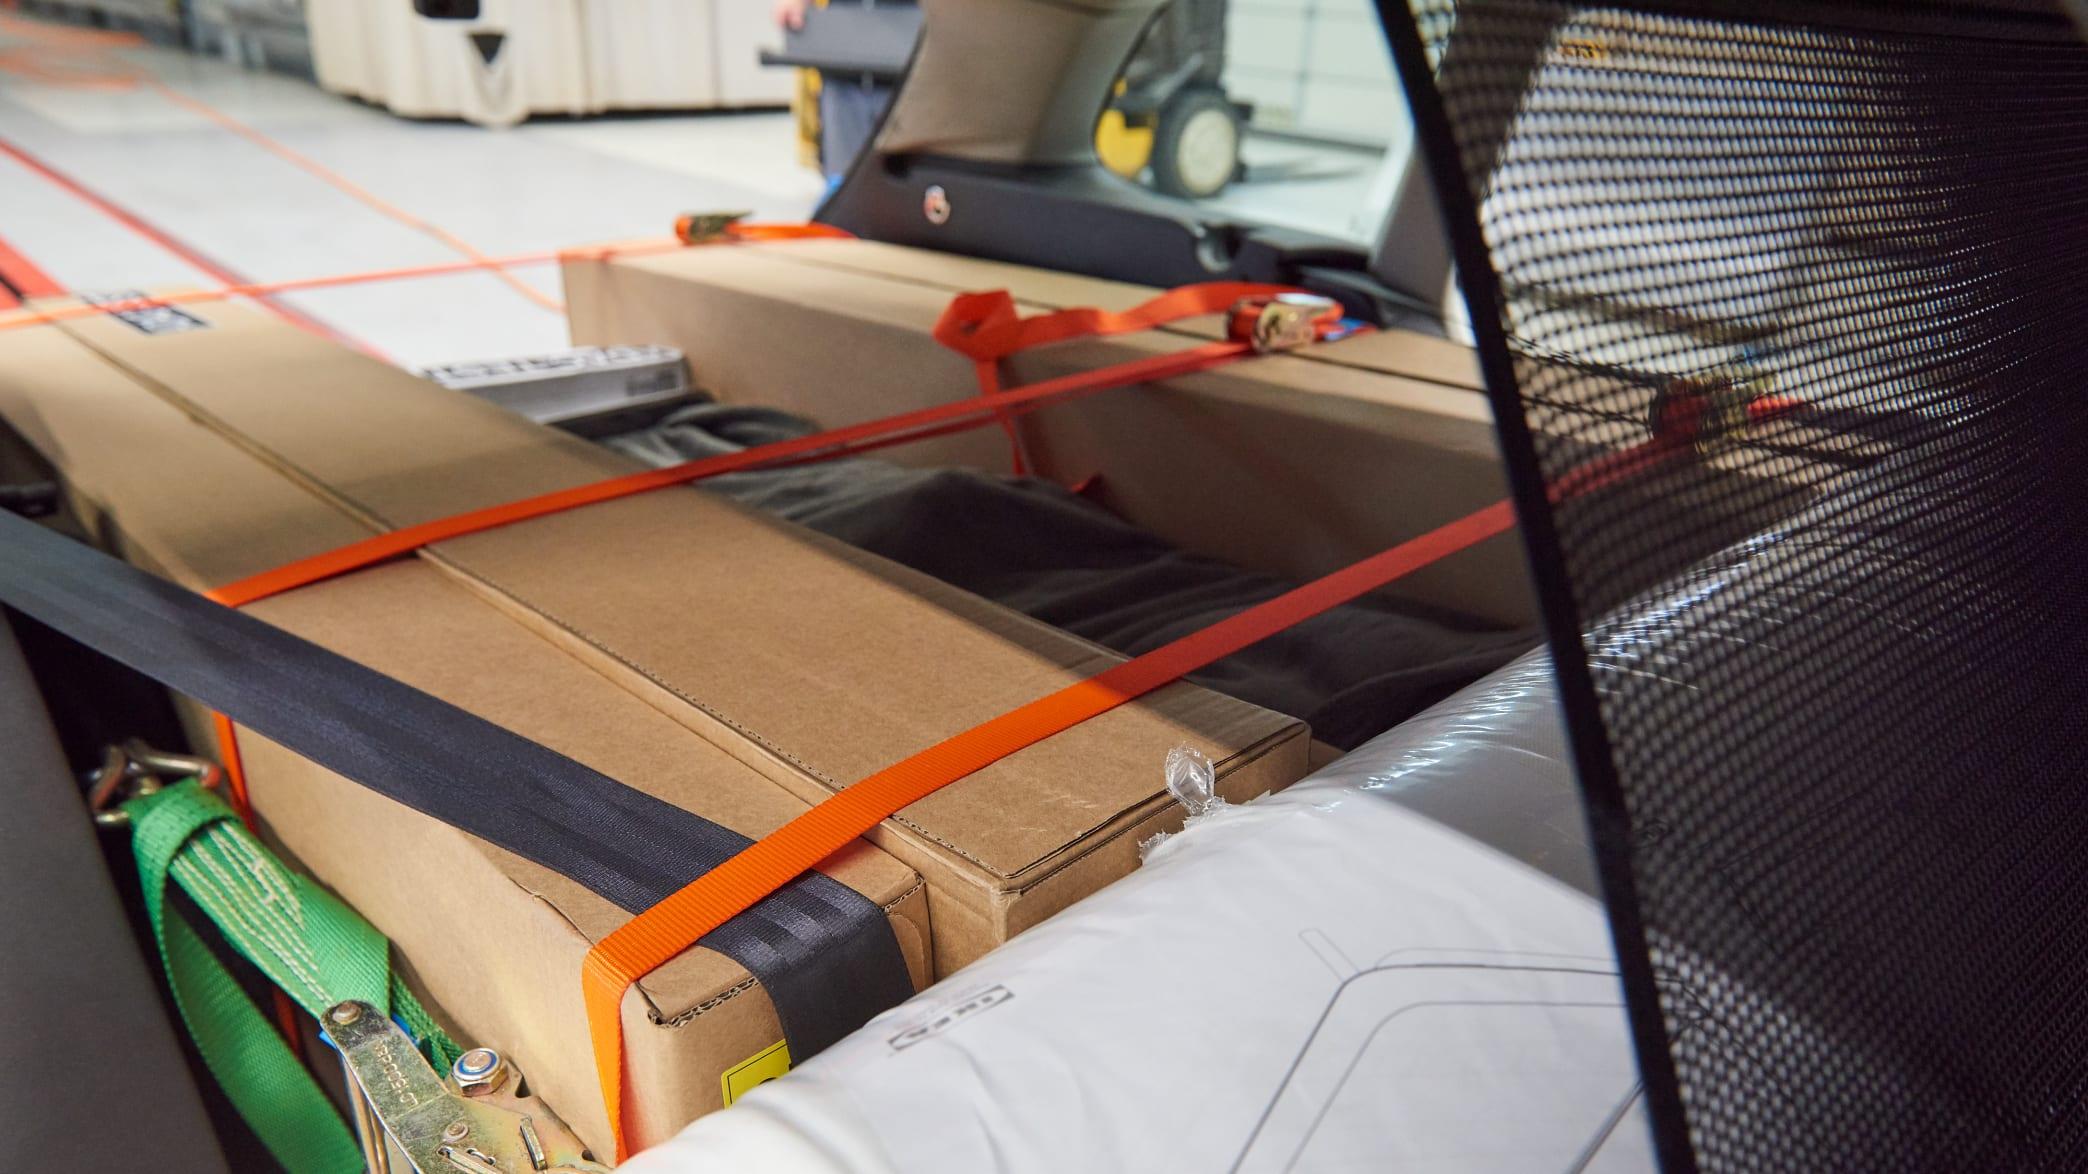 Gut gesicherte Ikea Artikel im Kofferraum eines Autos vor dem Crashtest Gepäcksicherung